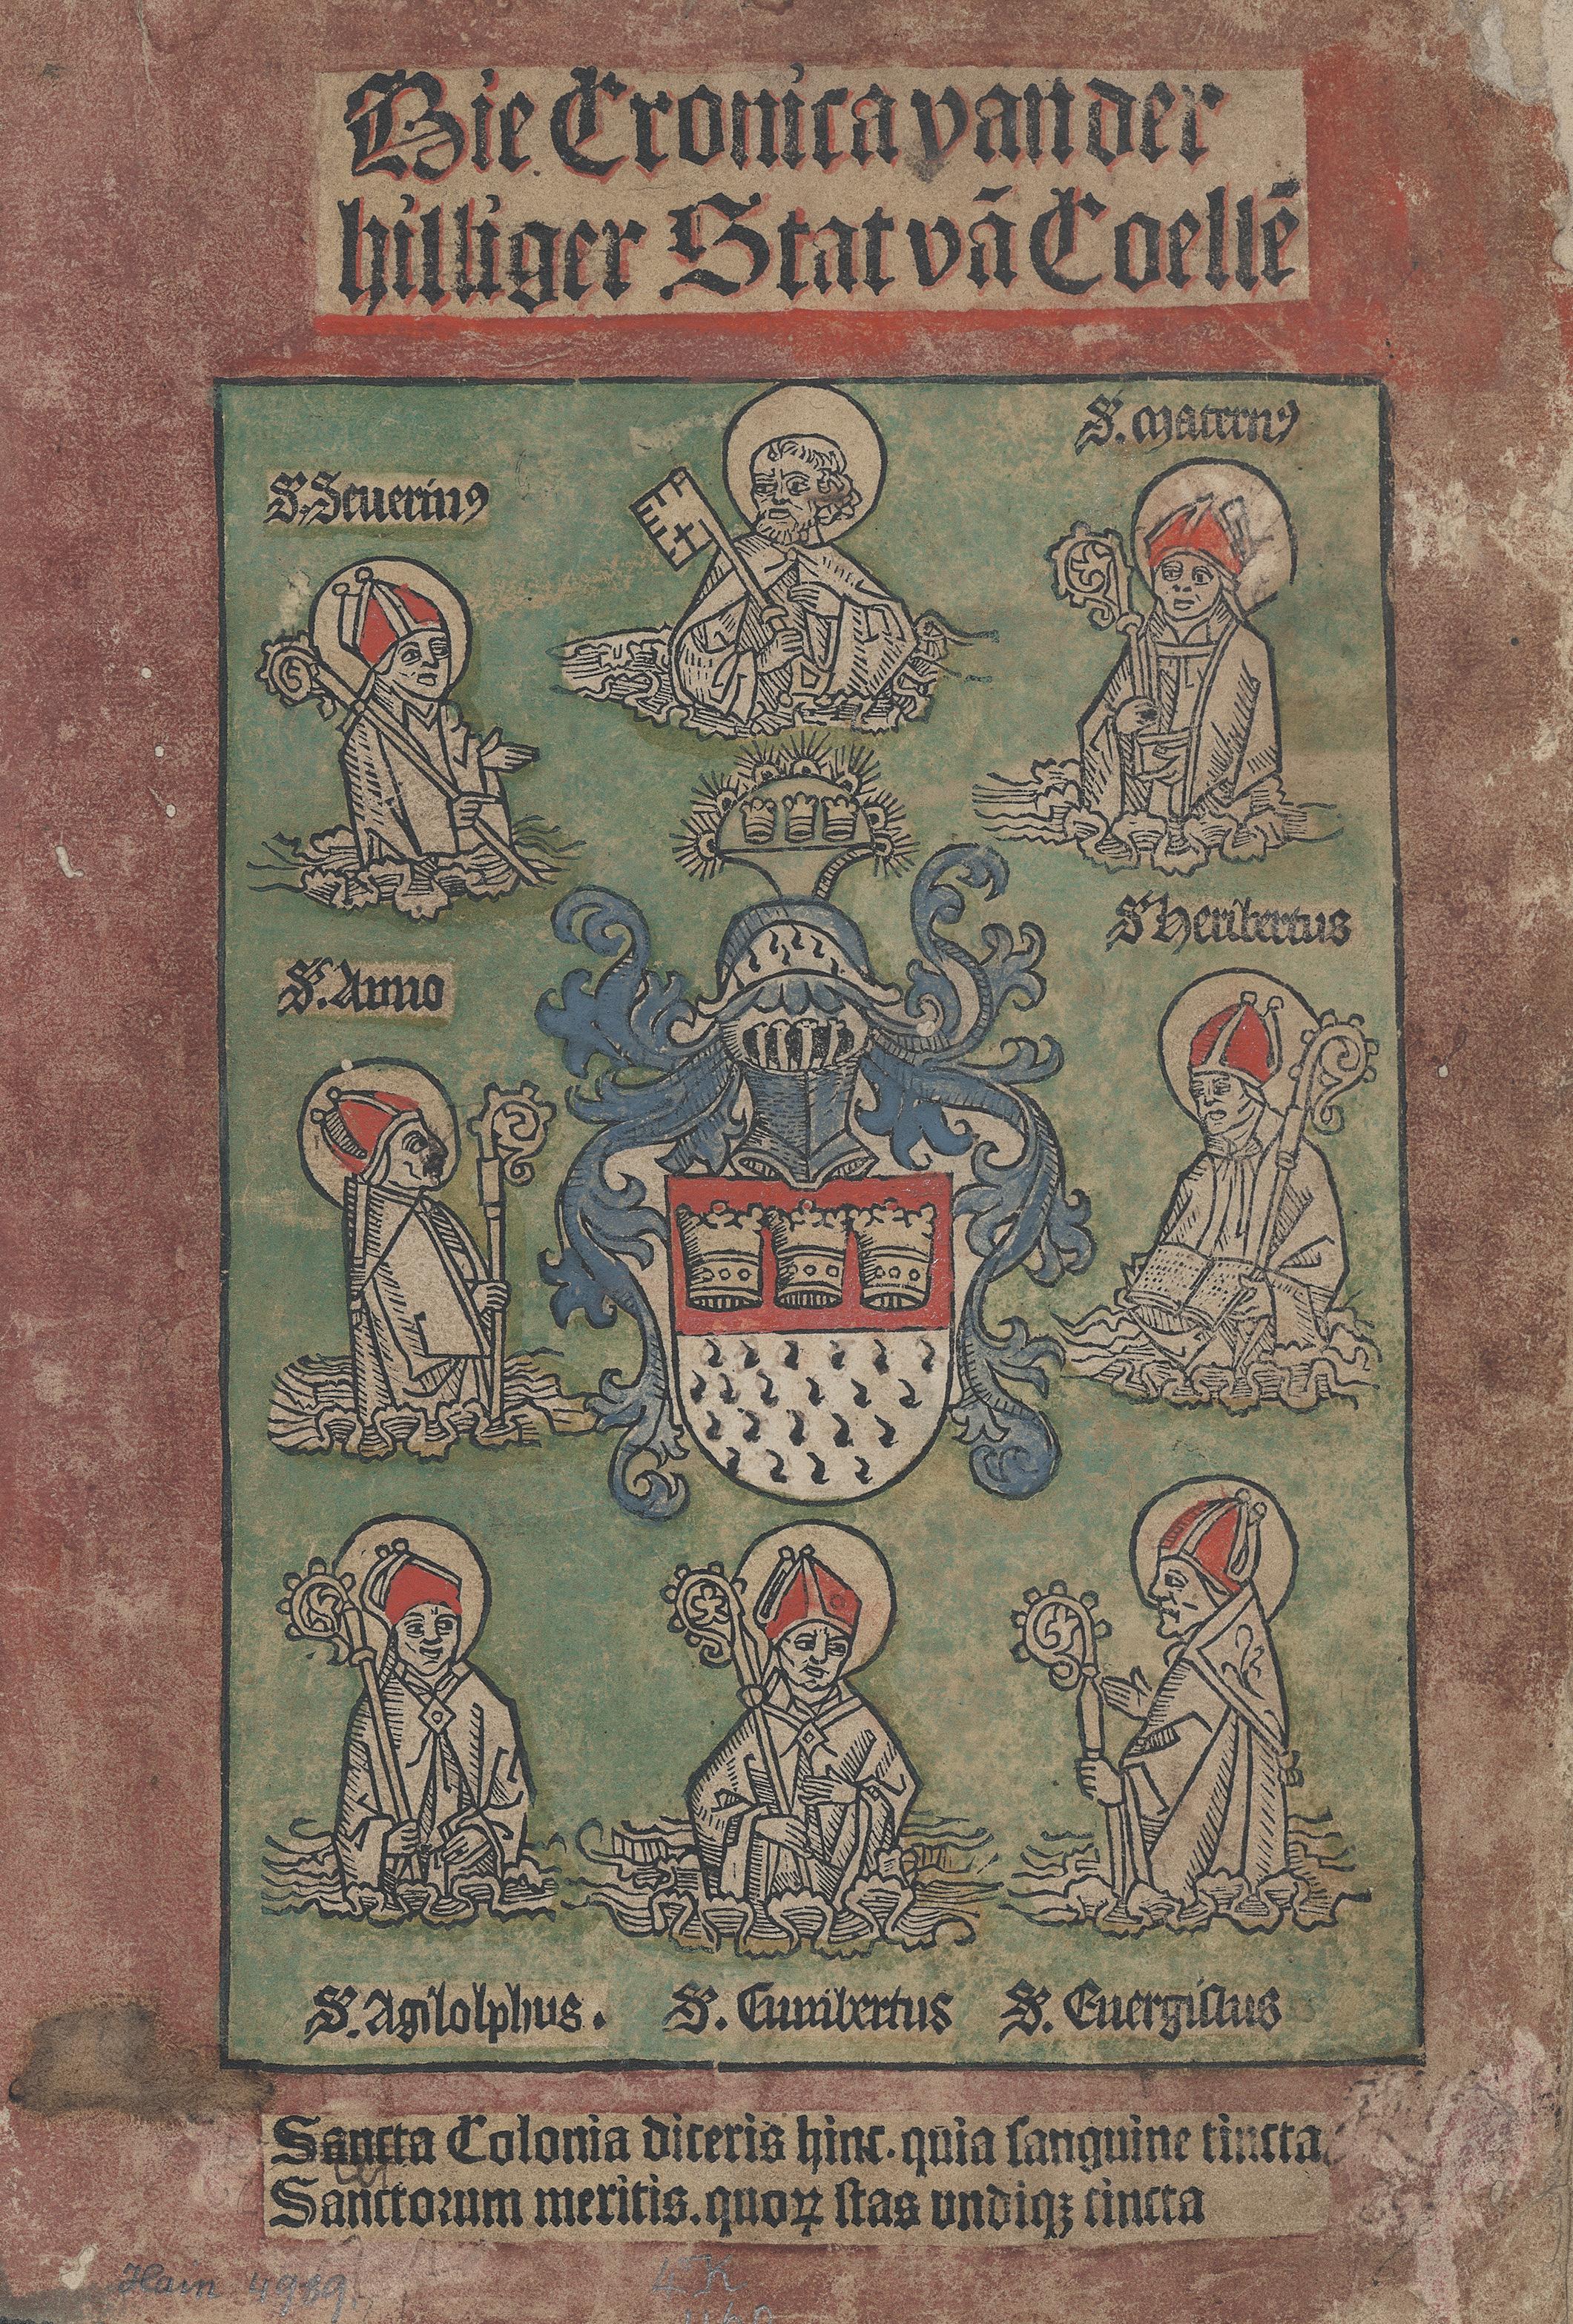 Figure 1 - Die Cronica van der hilliger Stat van Coellen,             Cologne, Johann Koehlhoff, 1499, page de titre (coll. Bibliothèque             nationale et universitaire de Strasbourg)